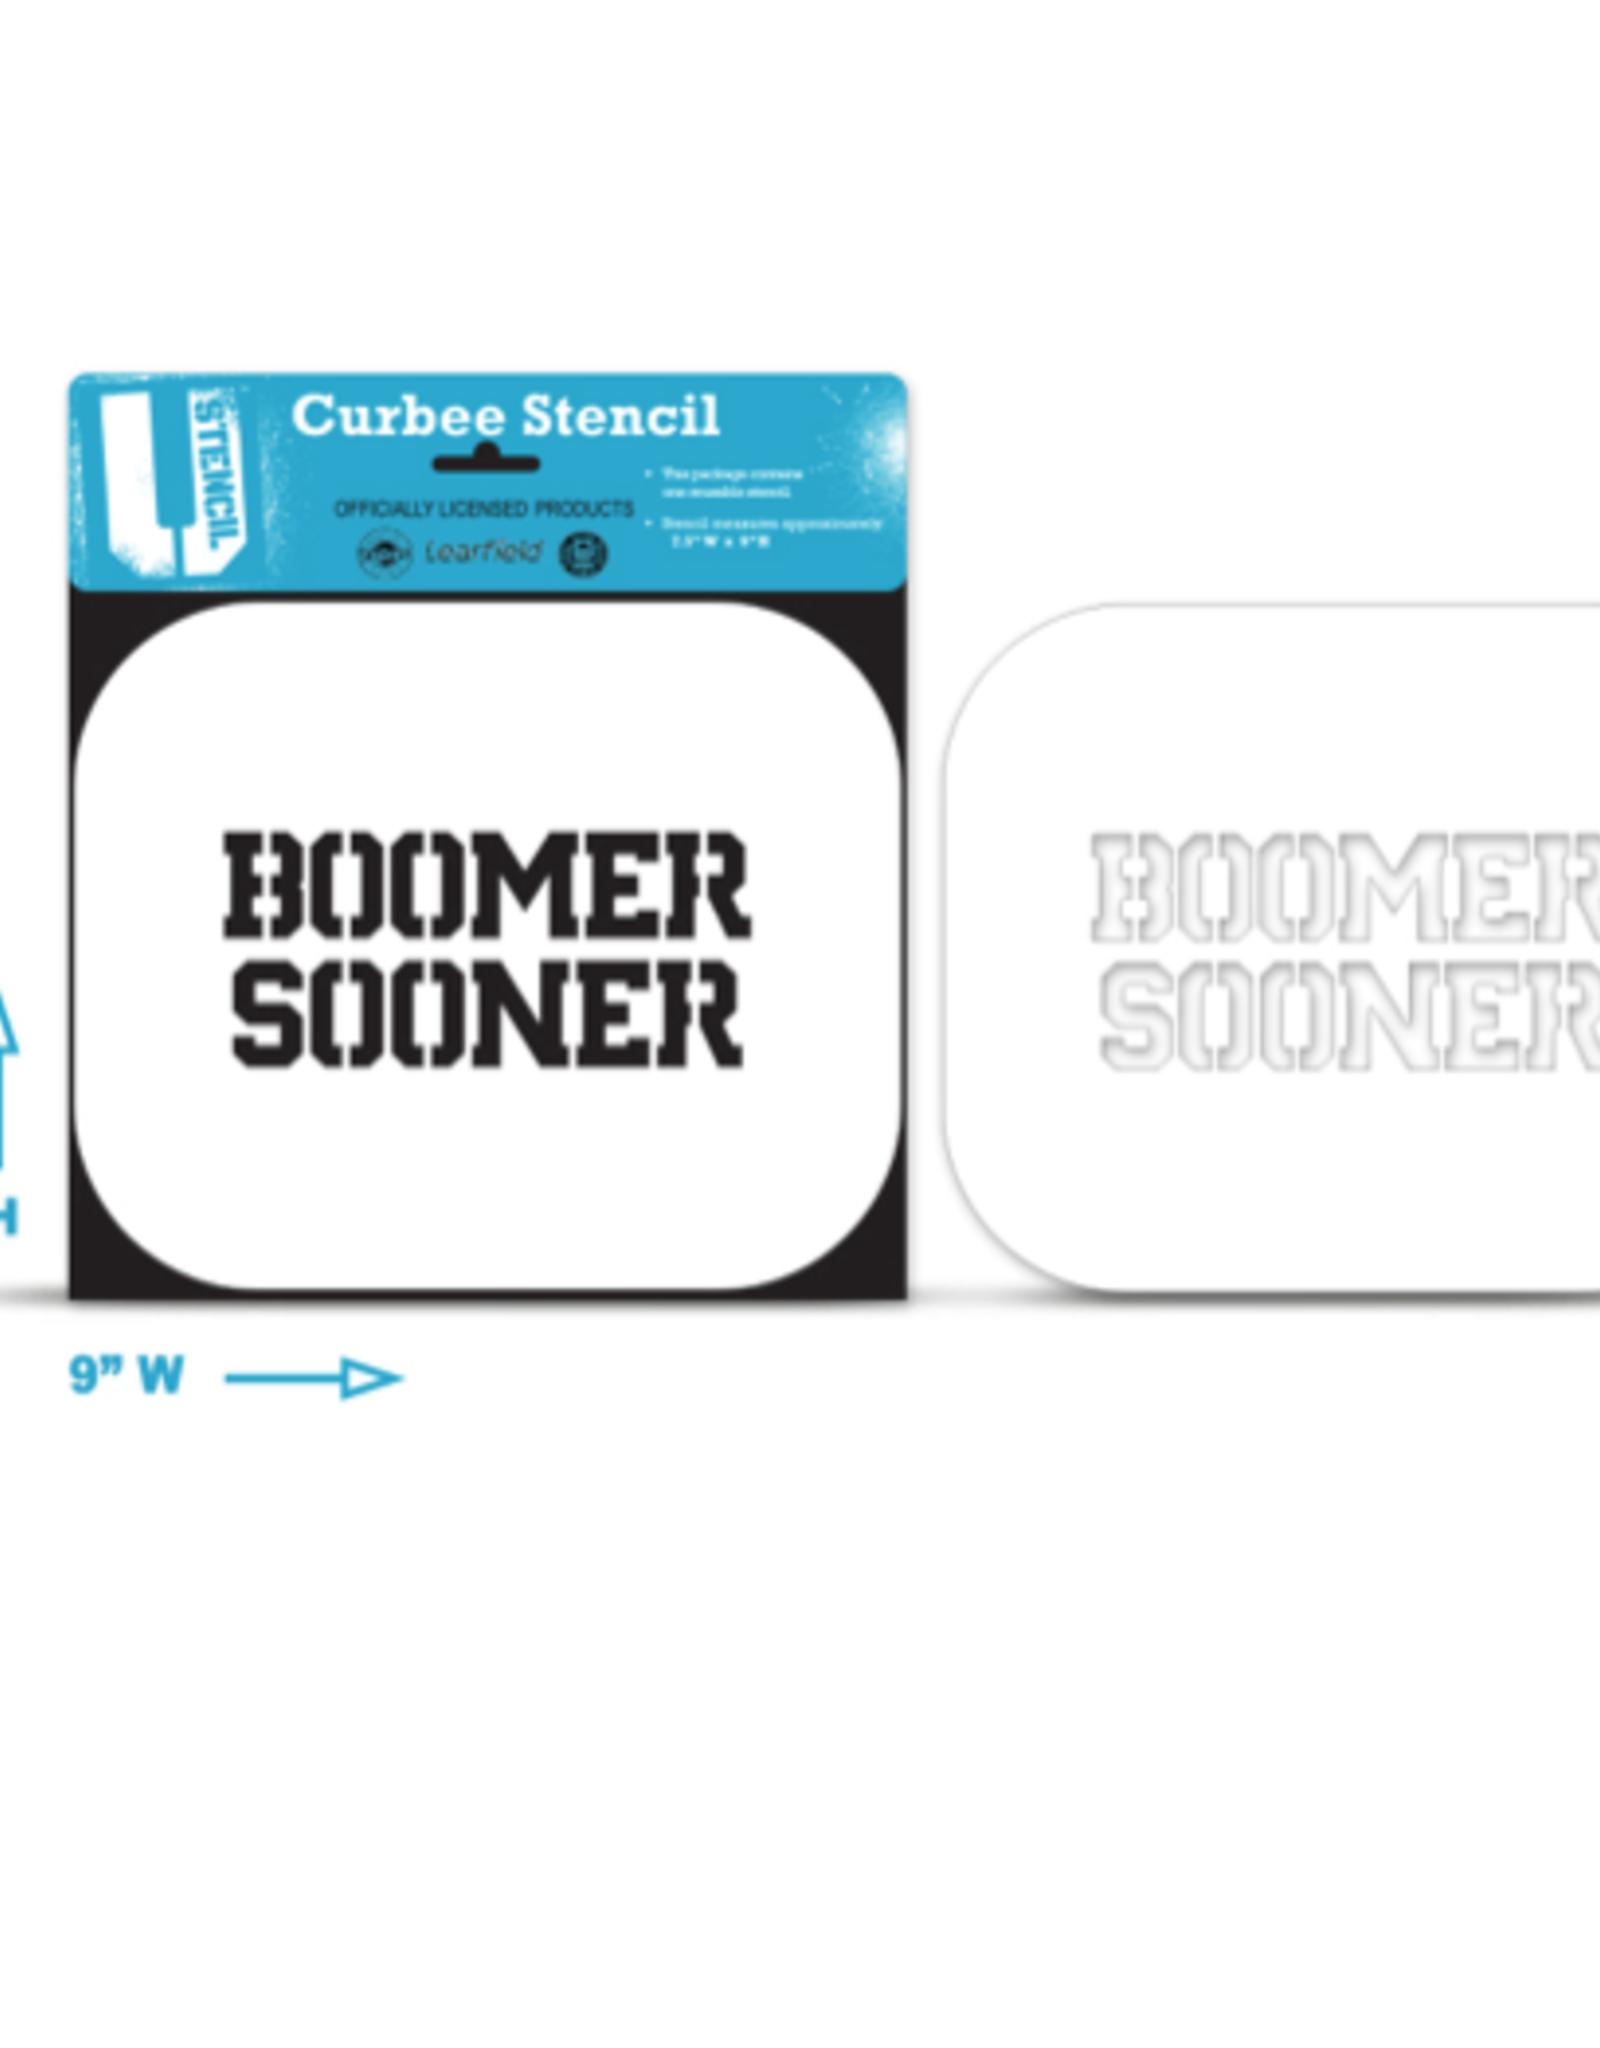 U-Stencil Boomer Sooner  Curb Stencil